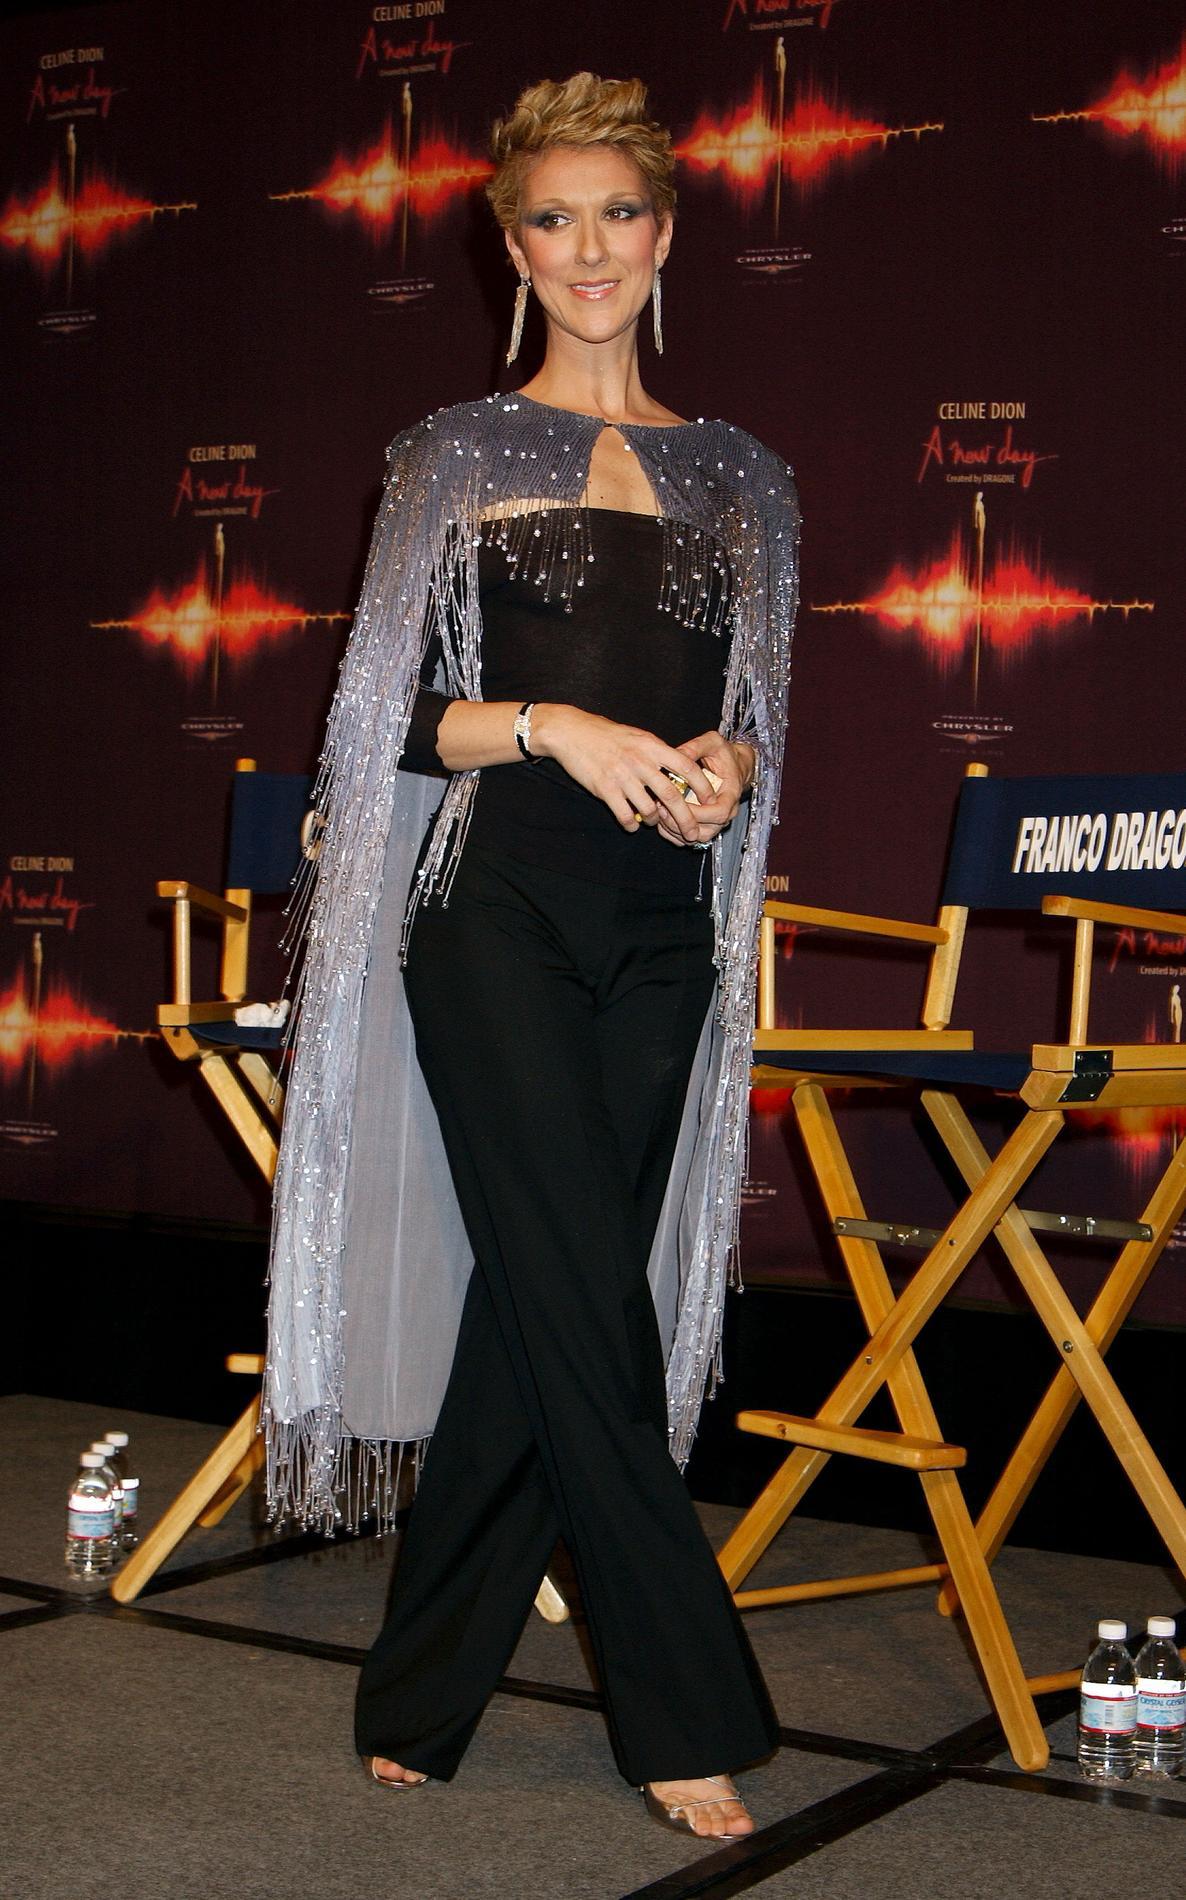 Céline Dion a-t-elle vraiment changé de coupe ? - Madame